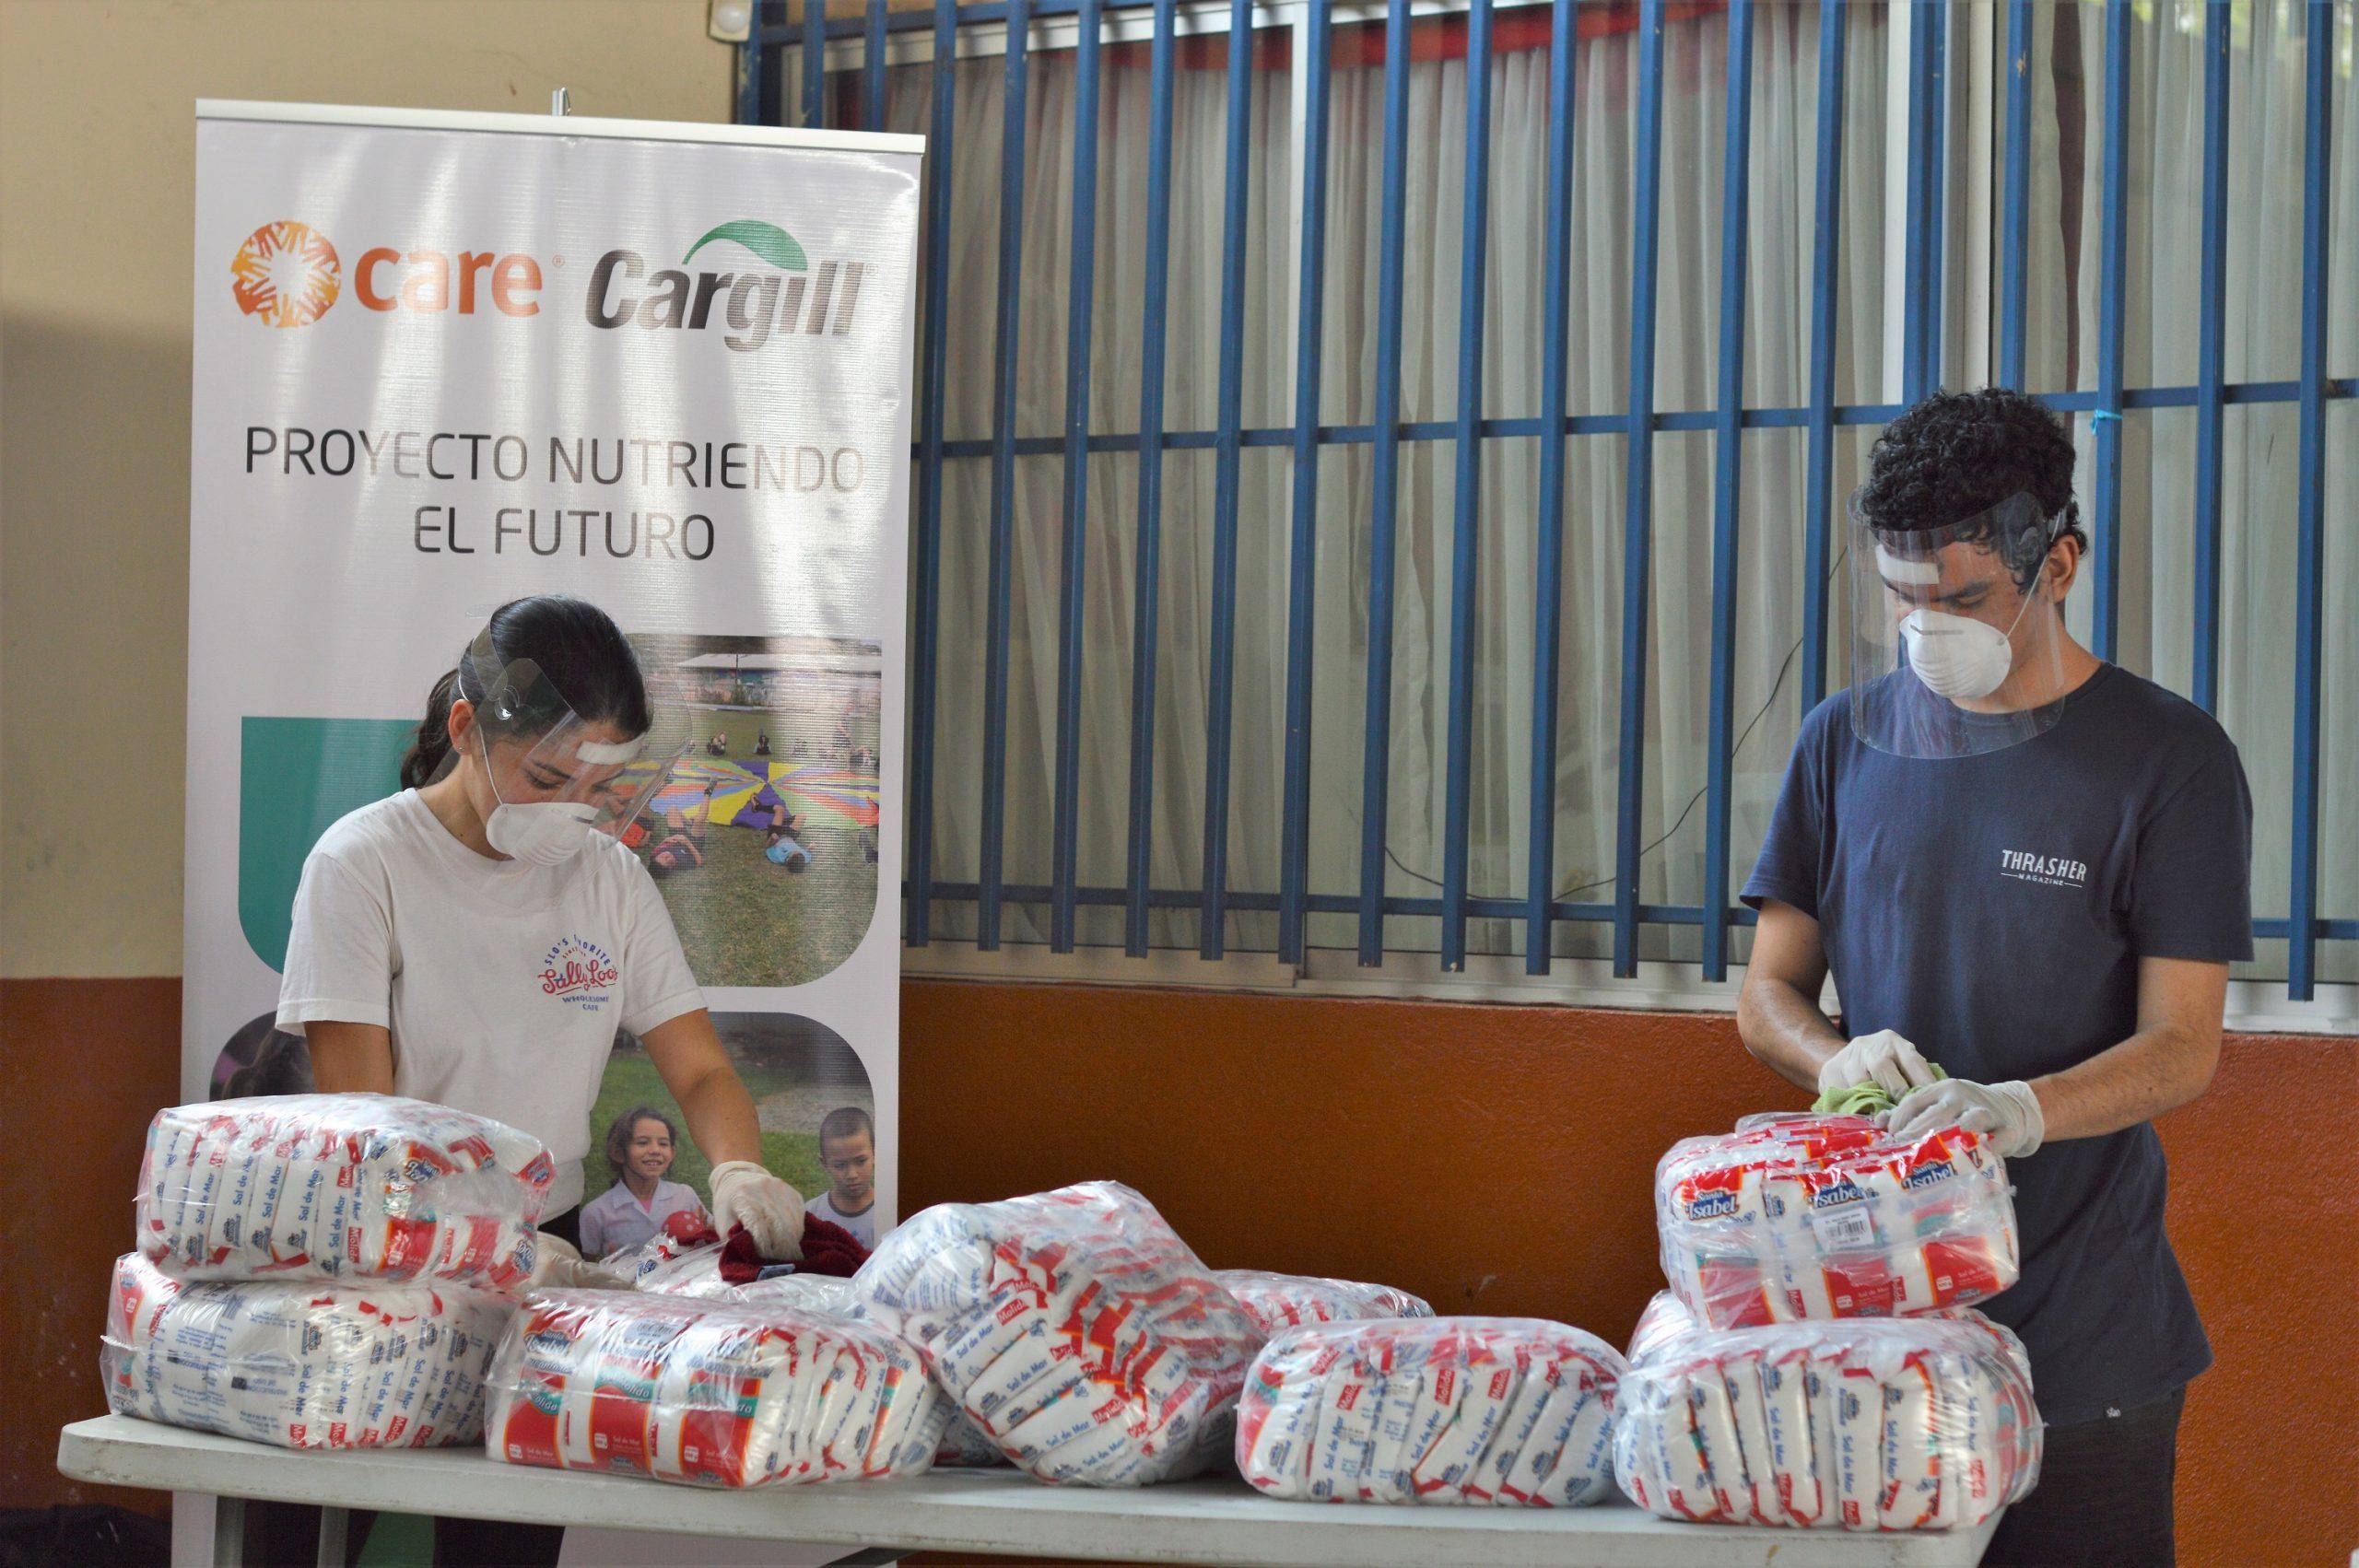 Con este fondo de emergencia proporcionado por Cargill, se entregarán paquetes con suplementos nutricionales, materiales de higiene y salud a 1,730 familias de la región